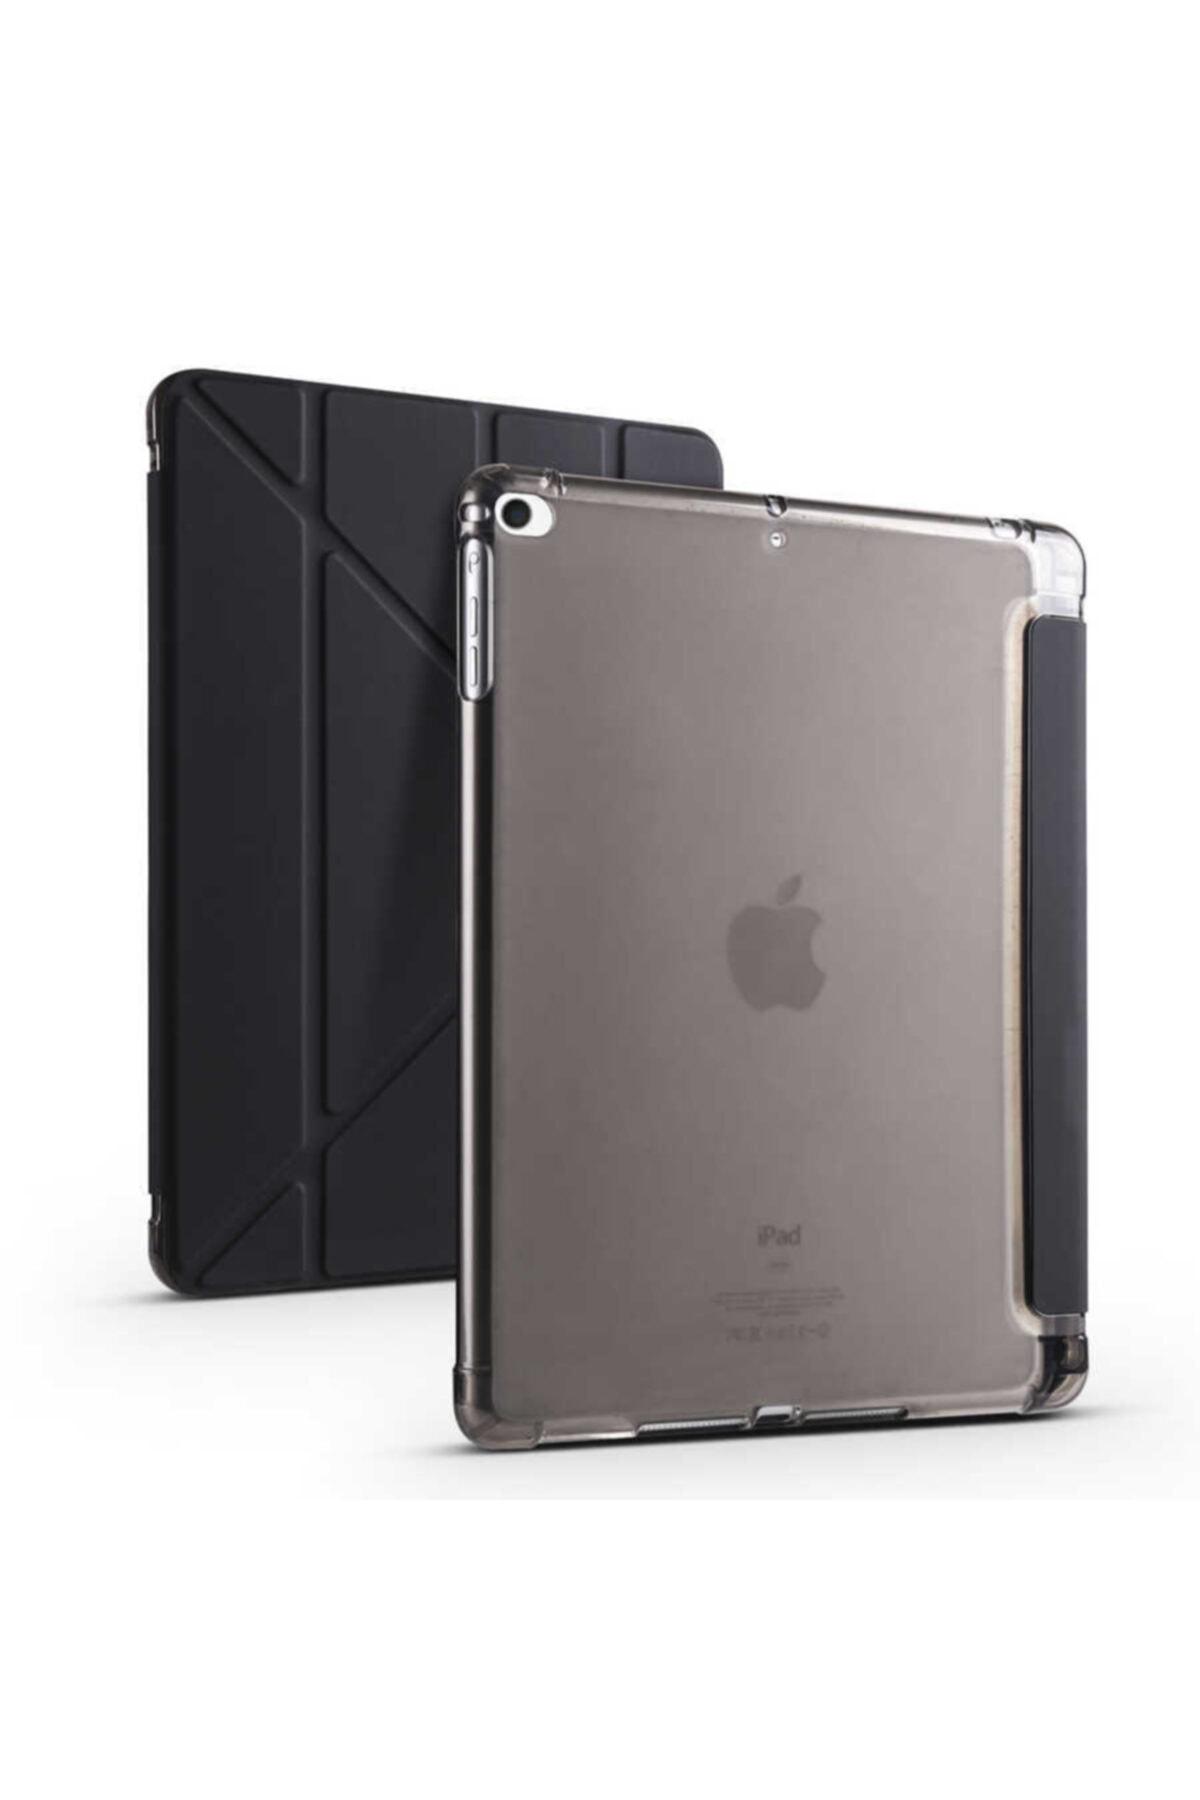 carına vannı Apple Ipad 9.7 2018 Uyumlu Siyah,kalem Bölmeli Katlanabilir Tablet Kılıfı,standlı Kılıf Pnd 1